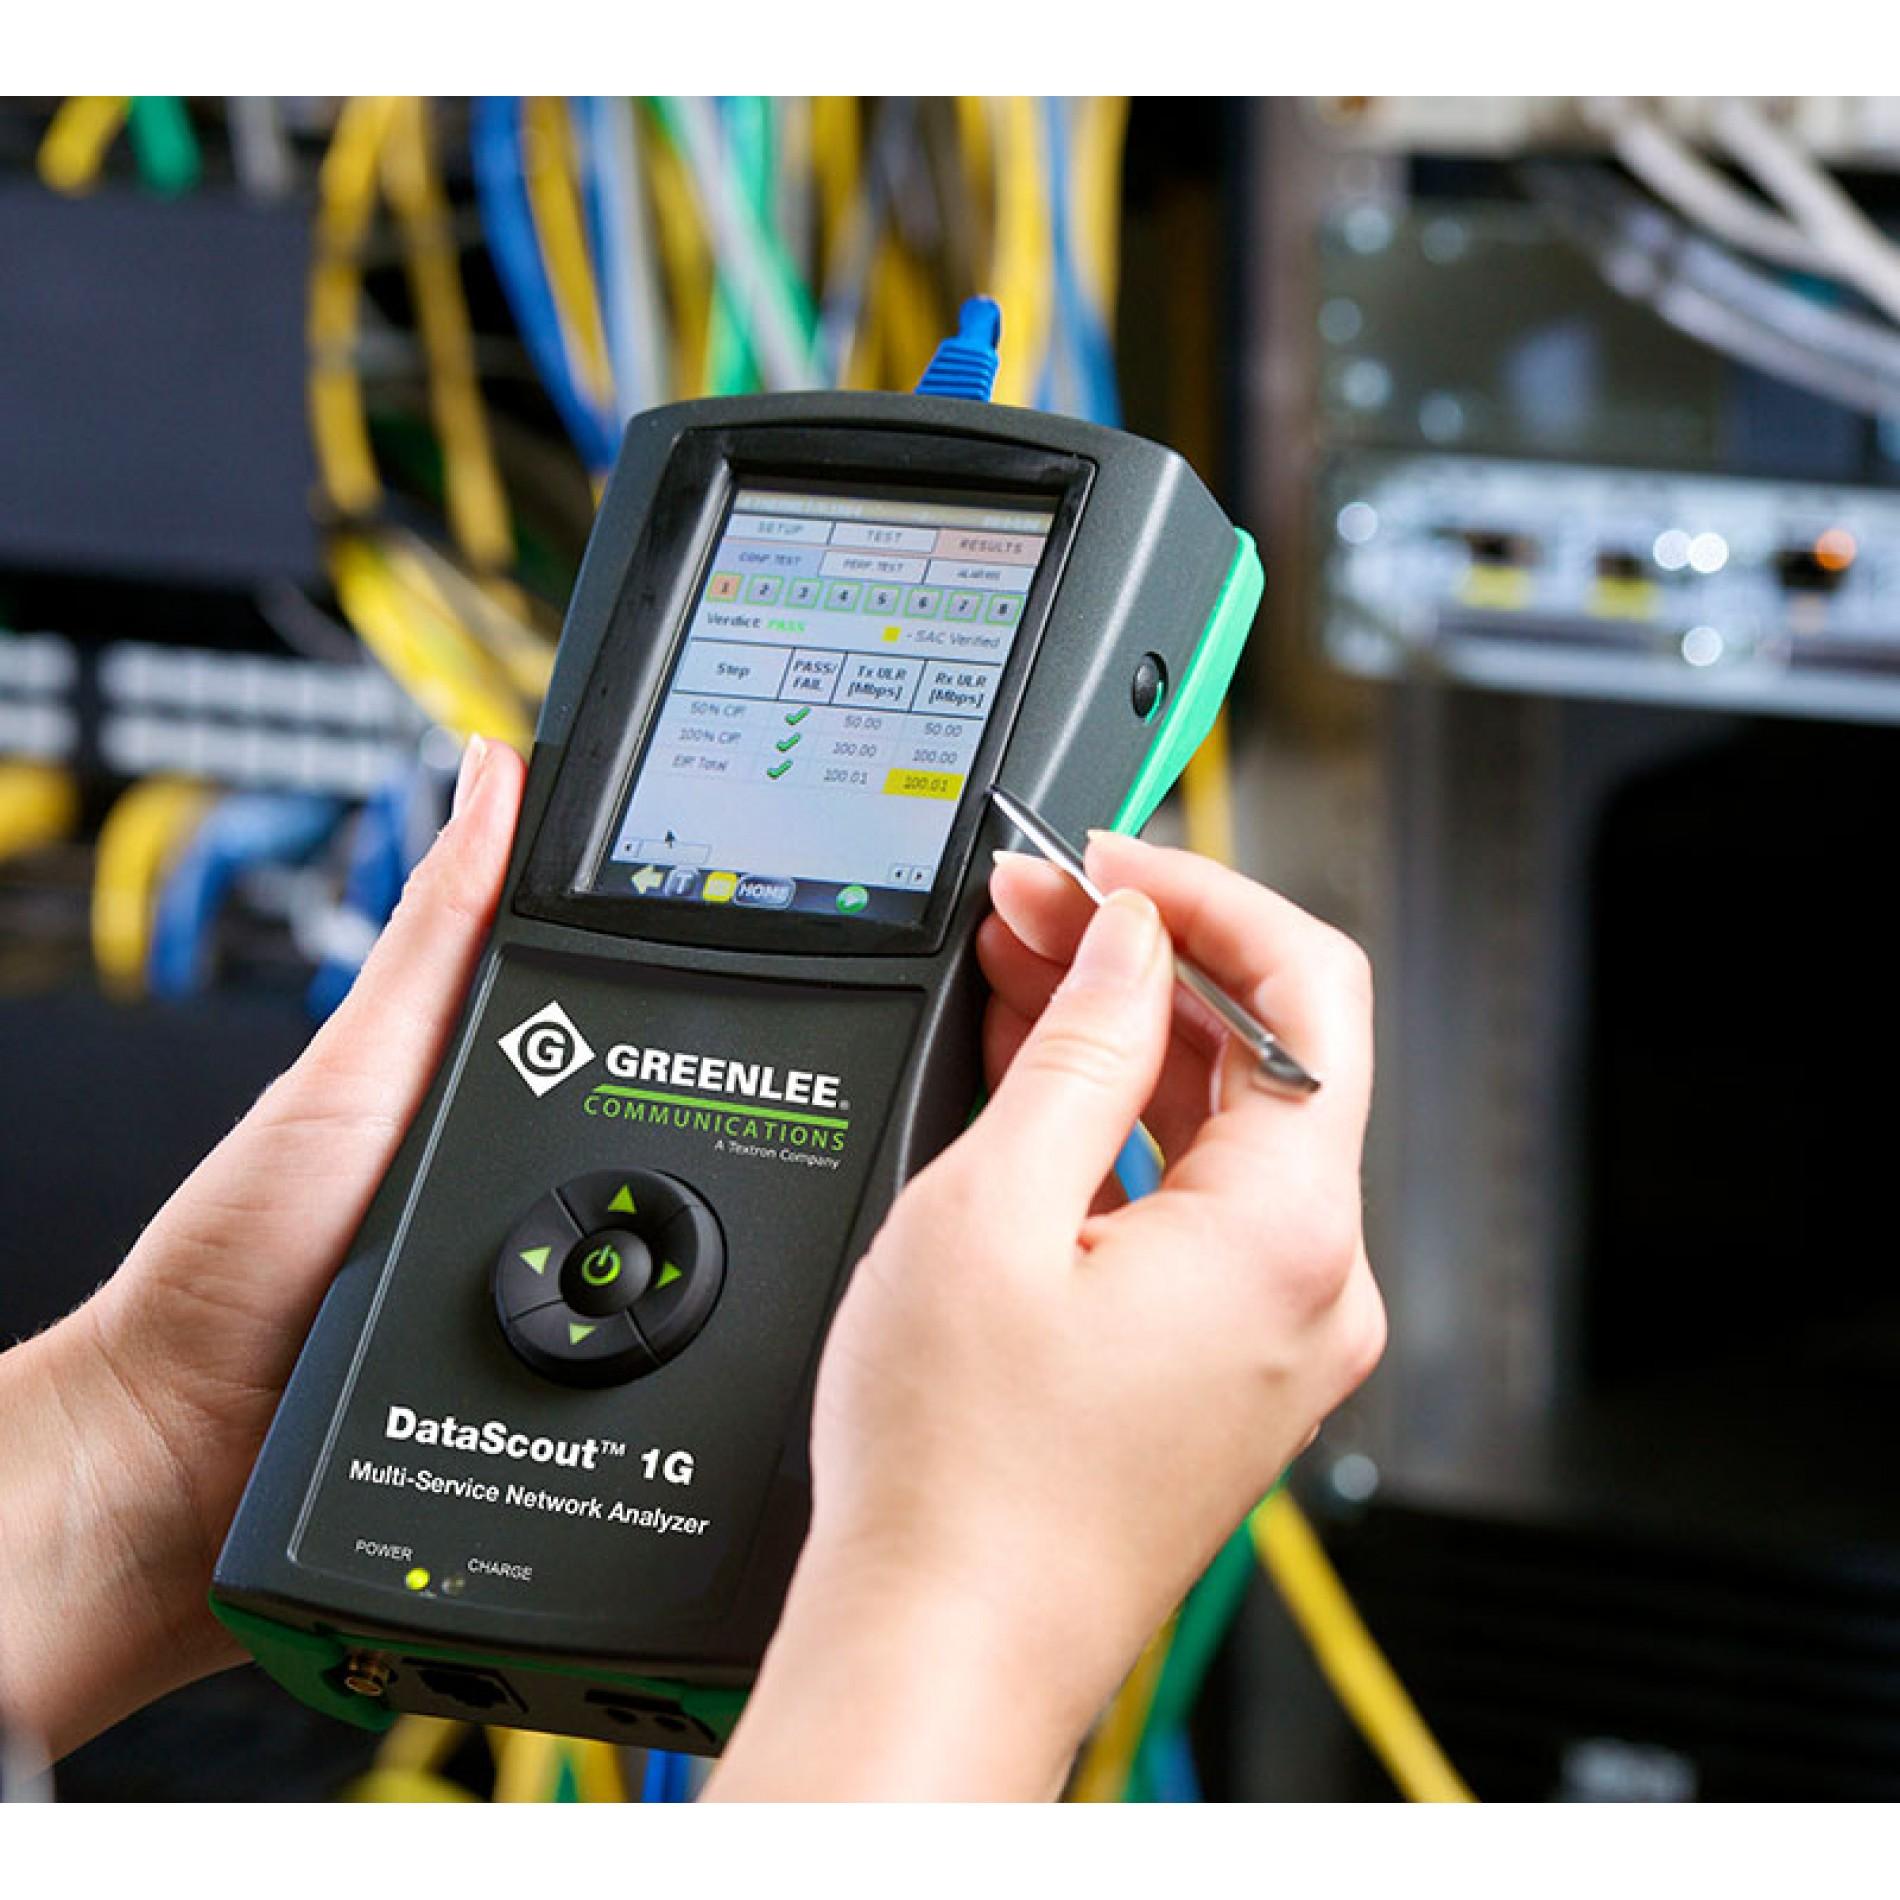 Мультисервисный анализатор DataScout 1G со скидкой до 33%!